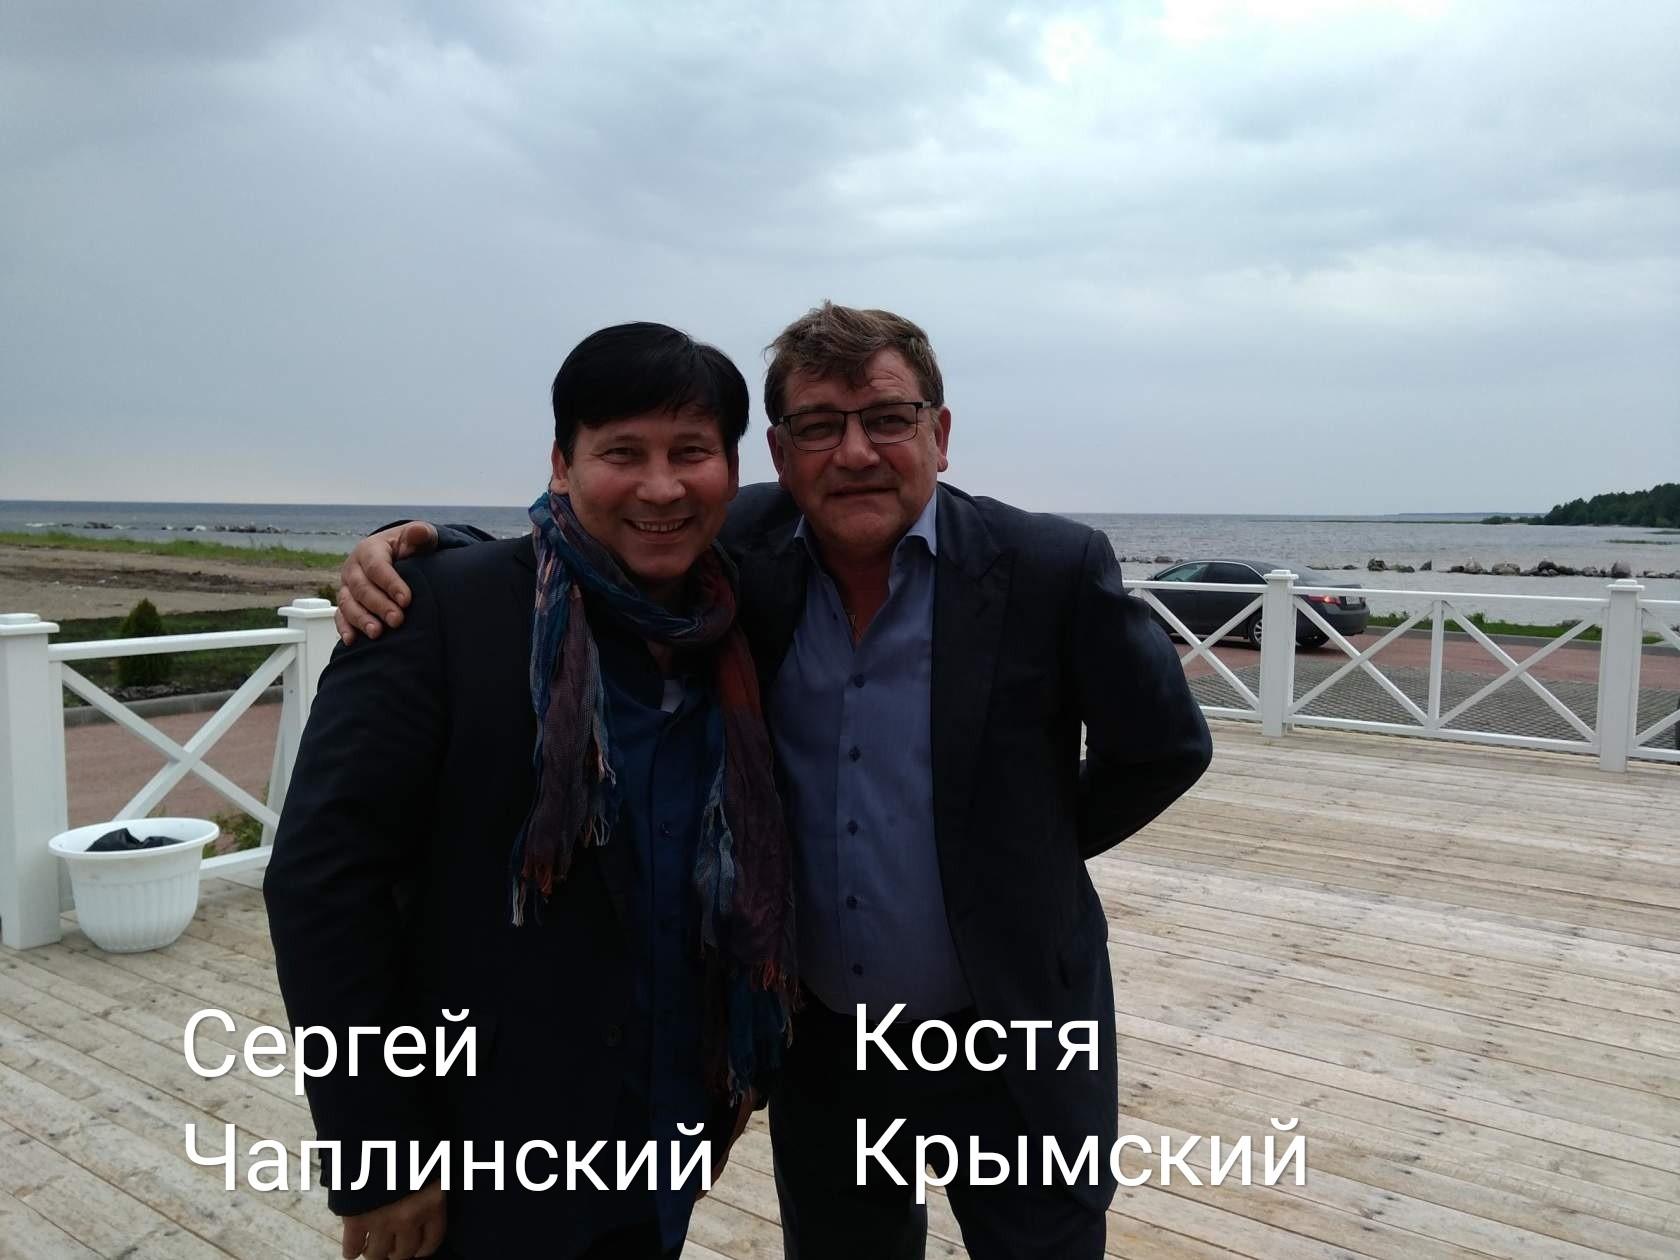 Сергей Чаплинский и Костя Крымский